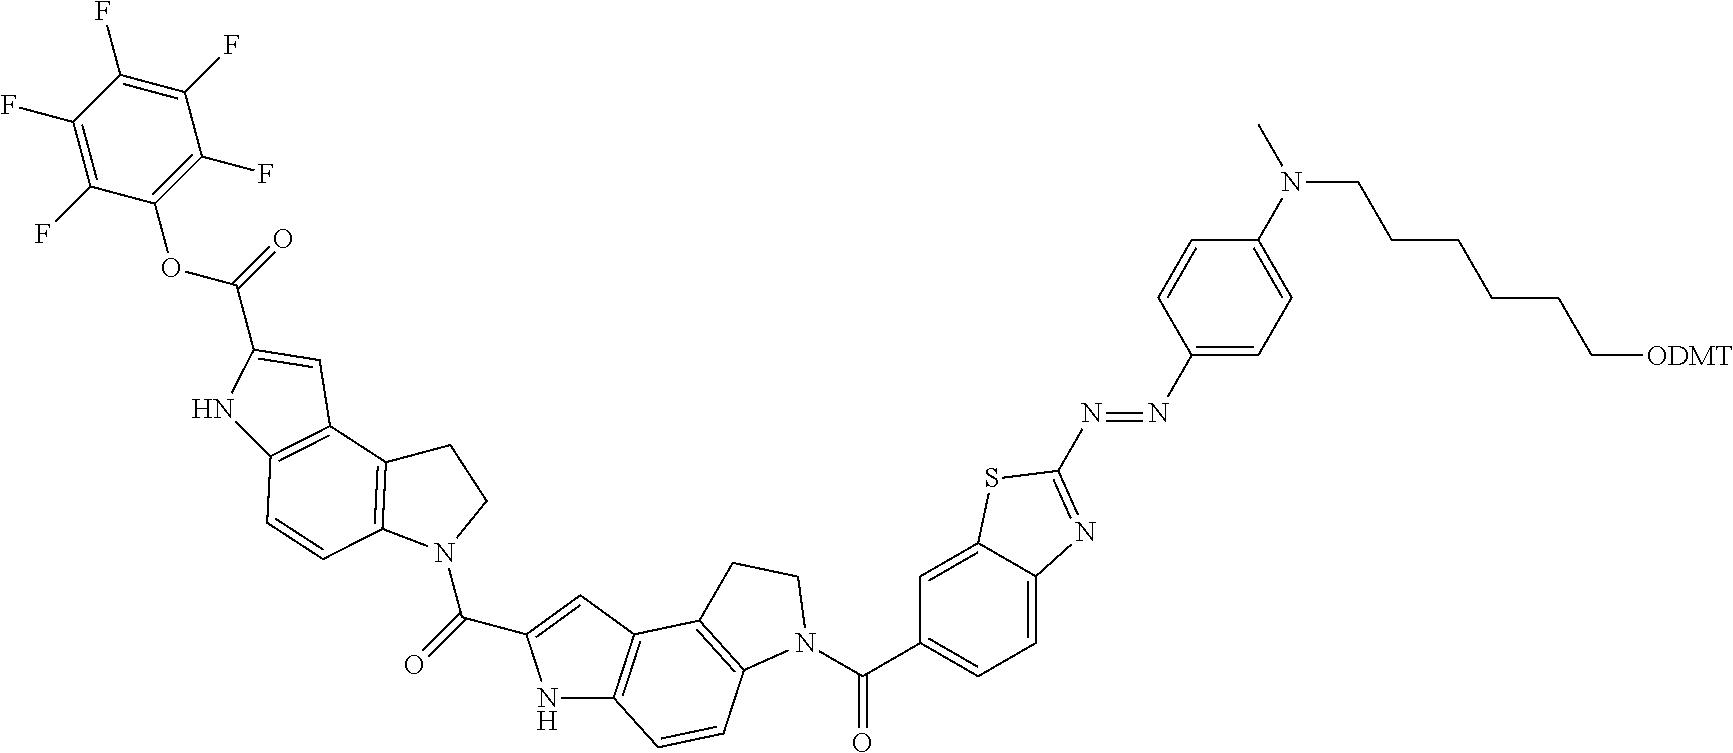 Figure US20190064067A1-20190228-C00099